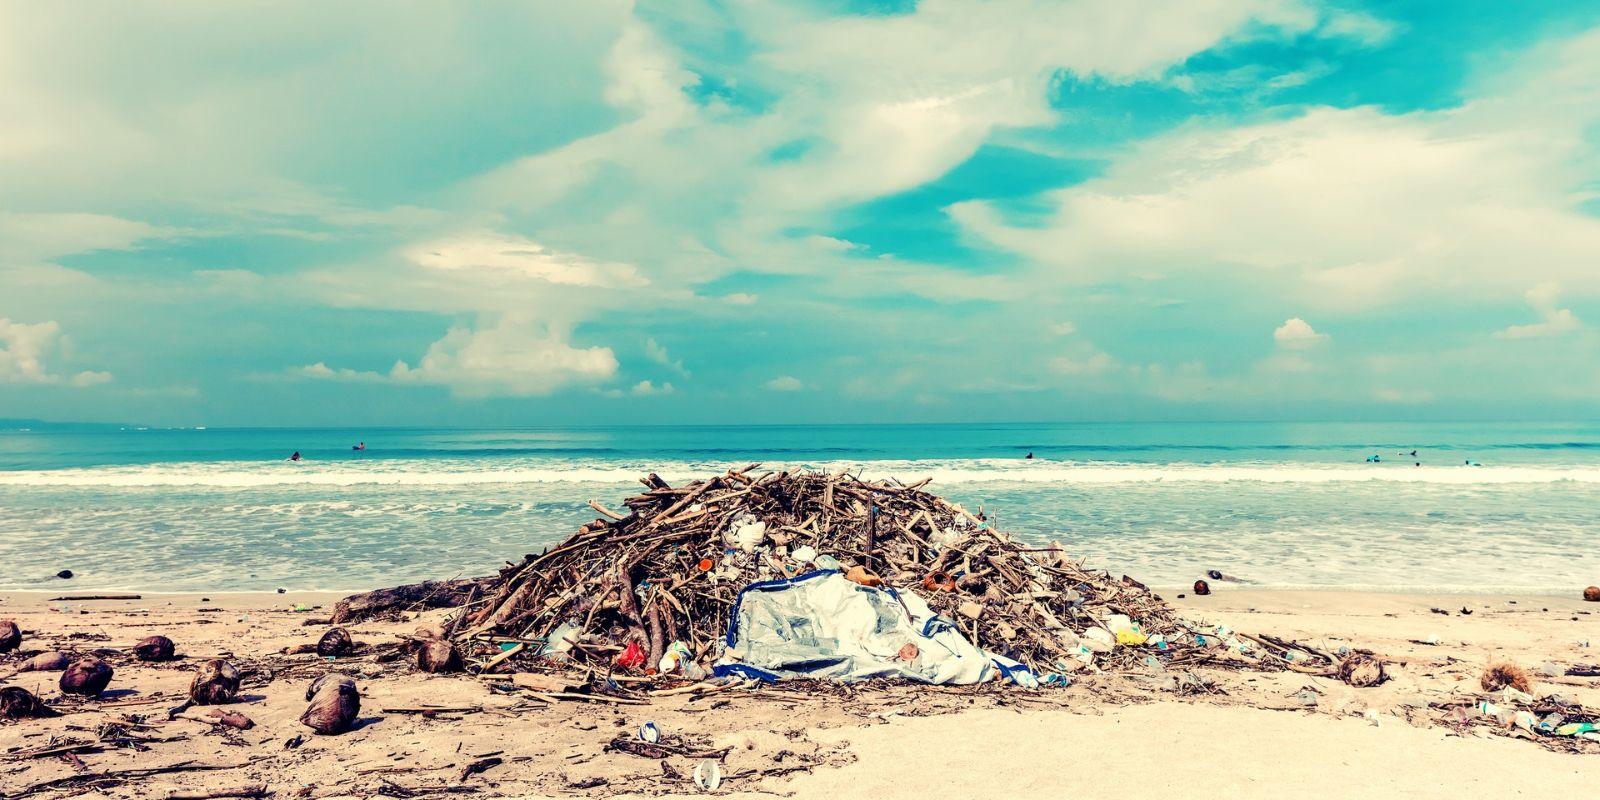 környezetkárosítás a tengerek, óceánok teliszemetelése